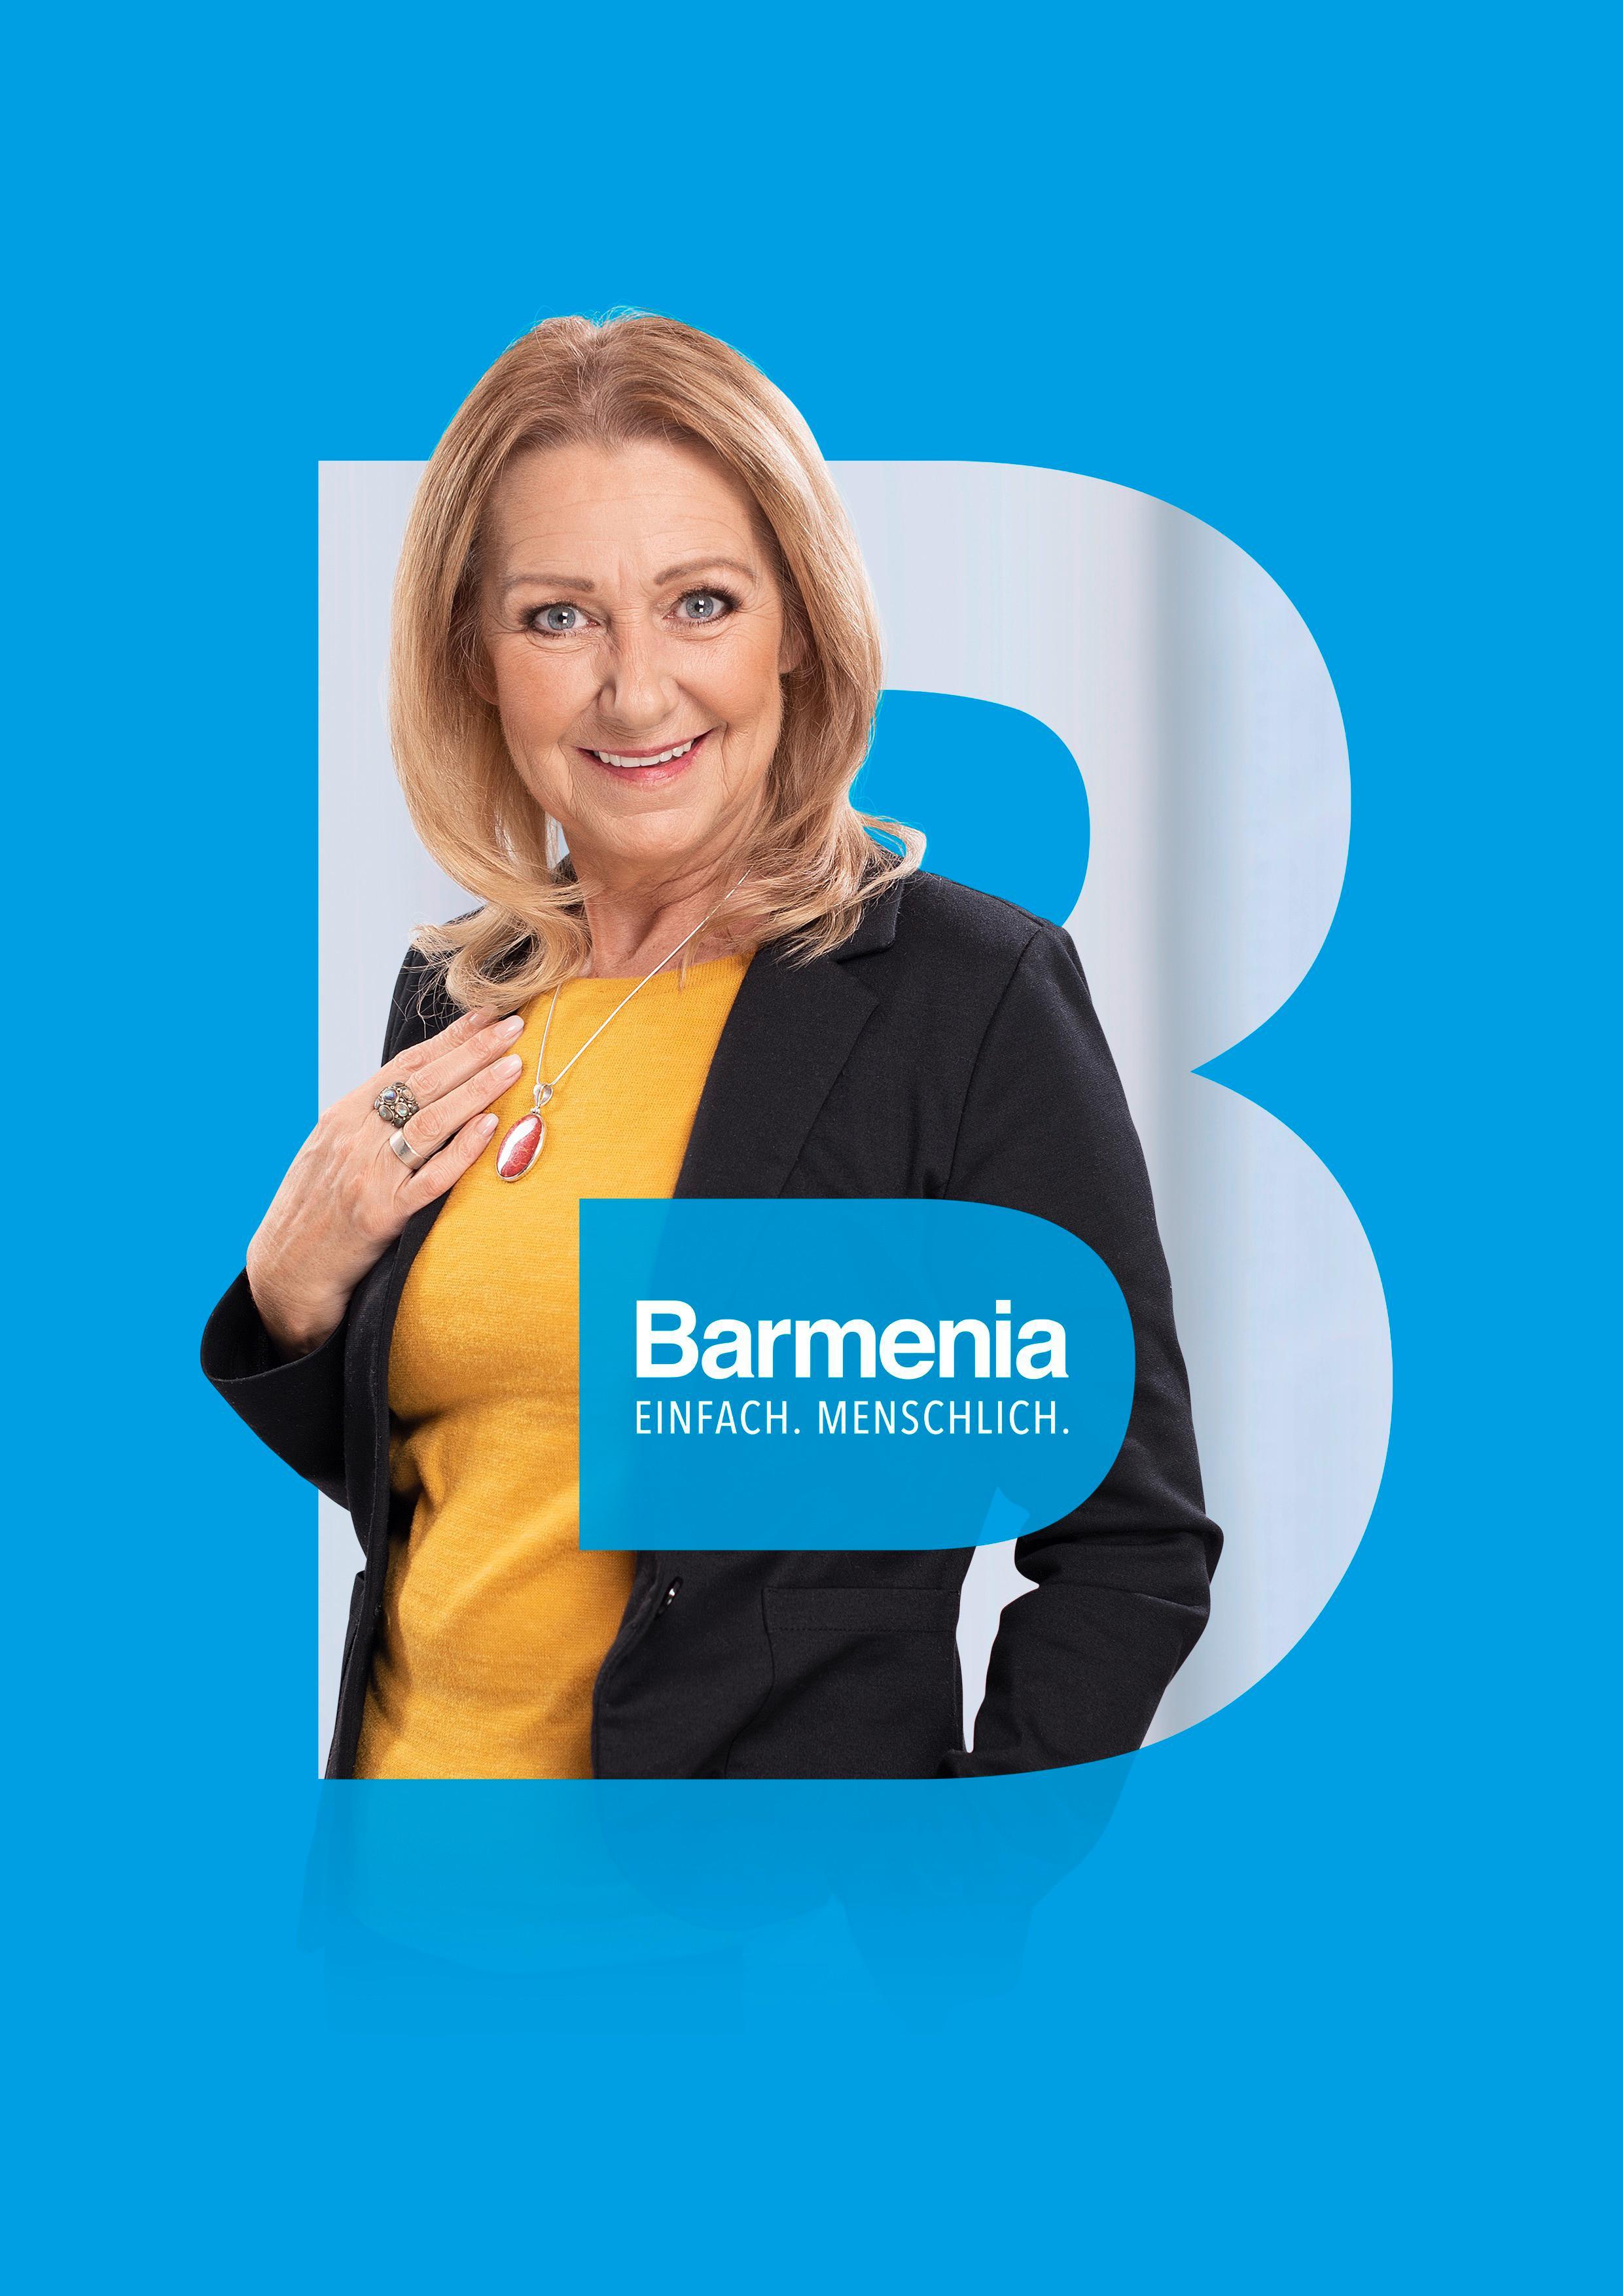 Christiane Mathes. Ihre Ansprechpartnerin für die Barmenia Versicherung in Dreieich.